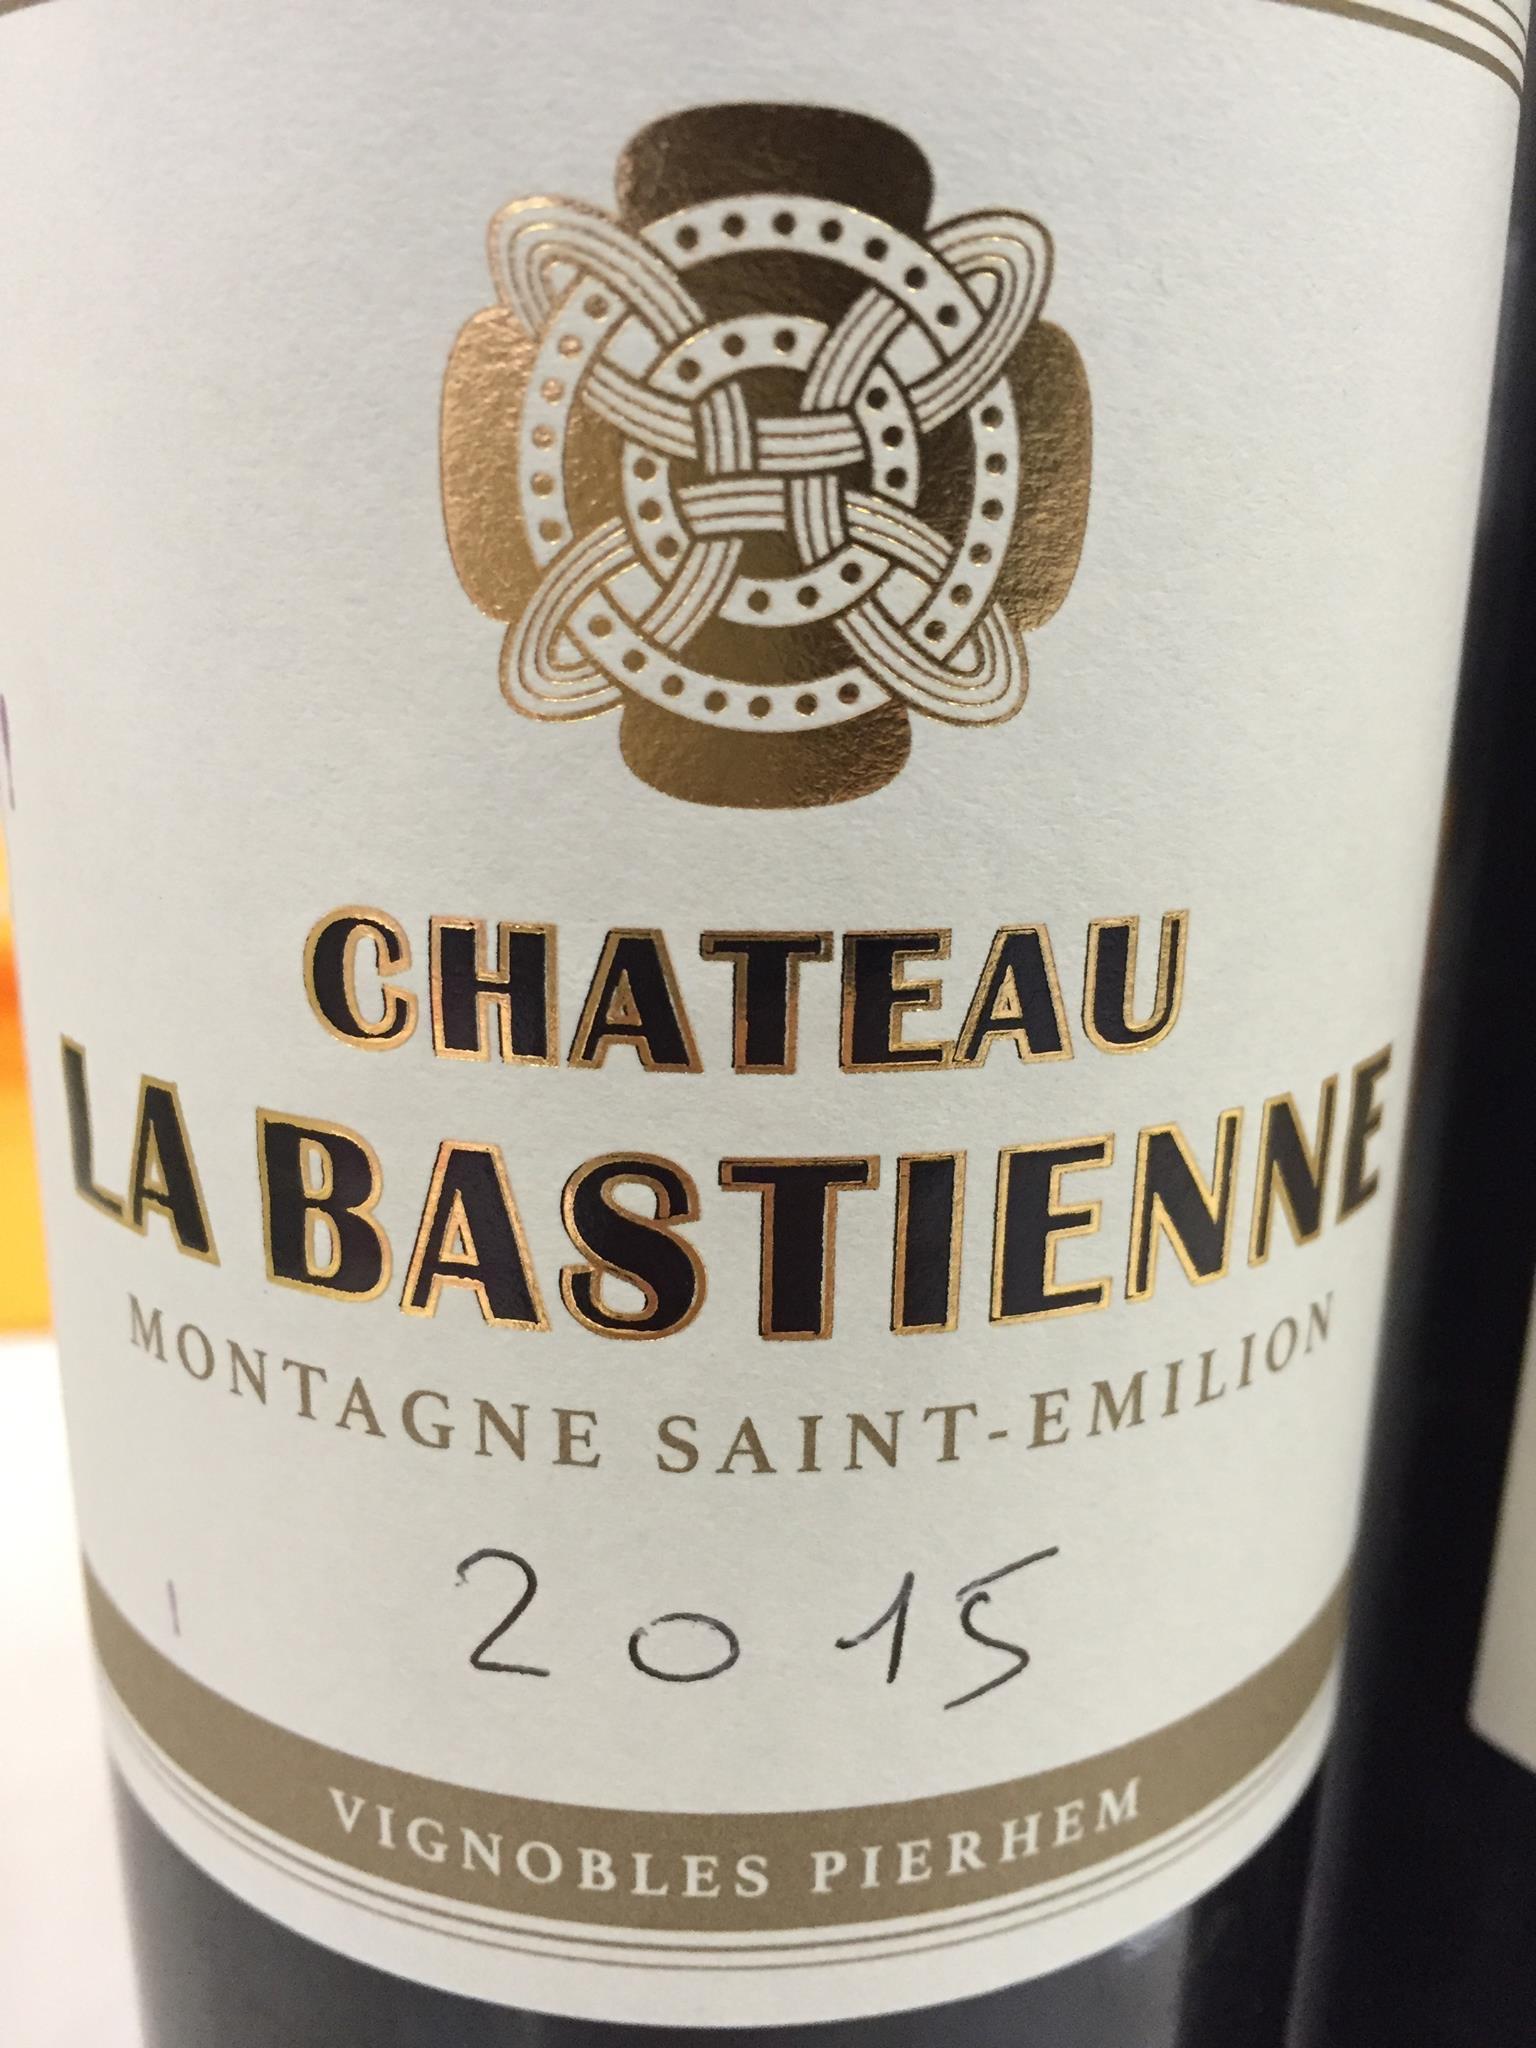 Château La Bastienne 2015 – Montagne Saint-Emilion